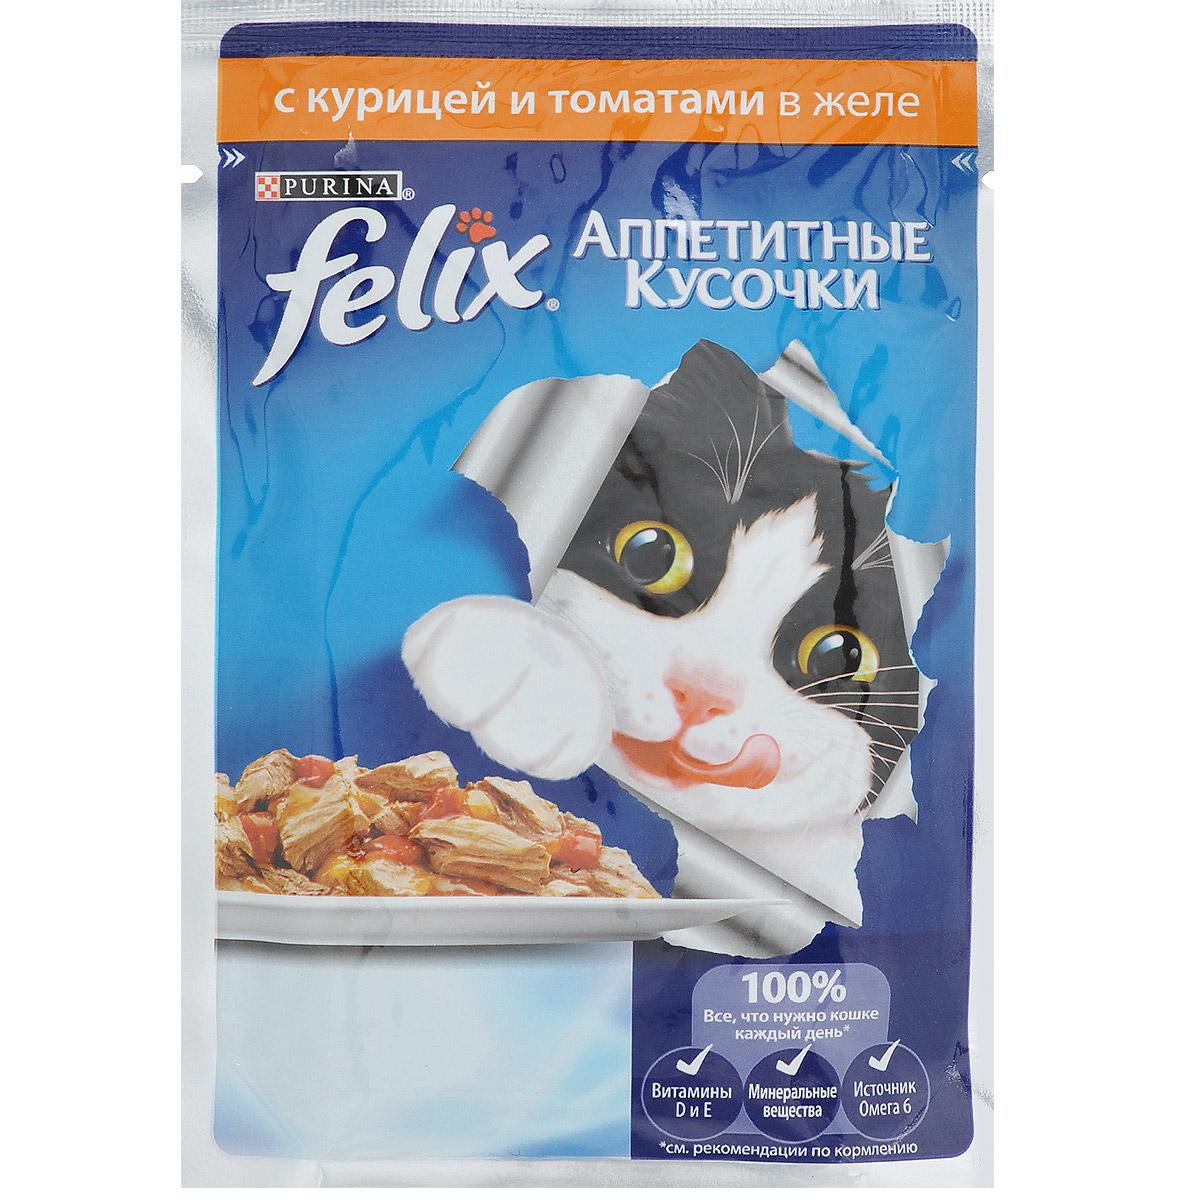 Консервы для кошек Felix Аппетитные кусочки, с курицей и томатами в желе, 85 г12114152Консервы для кошек Felix Аппетитные кусочки - это полнорационный корм для кошек. У него такой аппетитный вид и аромат, словно его приготовили вы сами. Felix Аппетитные кусочки создан по специально разработанной рецептуре: это нежнейшие кусочки с мясом, покрытые сочным желе. Ваш кот будет готов есть такую вкуснятину хоть каждый день - на завтрак, обед и ужин. Рекомендации по кормлению: Для взрослой кошки среднего веса (4 кг) требуется примерно 3 пакетика в день. Кормление желательно разделить на два приема. Для беременных или кормящих кошек кормление без ограничений. Подавать корм при комнатной температуре. Следите, чтобы у вашей кошки всегда была чистая, свежая питьевая вода. Условия хранения: Закрытую упаковку хранить при температуре от +4°C до +35°C и относительной влажности воздуха не более 75%. После открытия продукт хранить в холодильнике максимум 24 часа. Состав: мясо и субпродукты 19% (курица мин. 4%), экстракт...